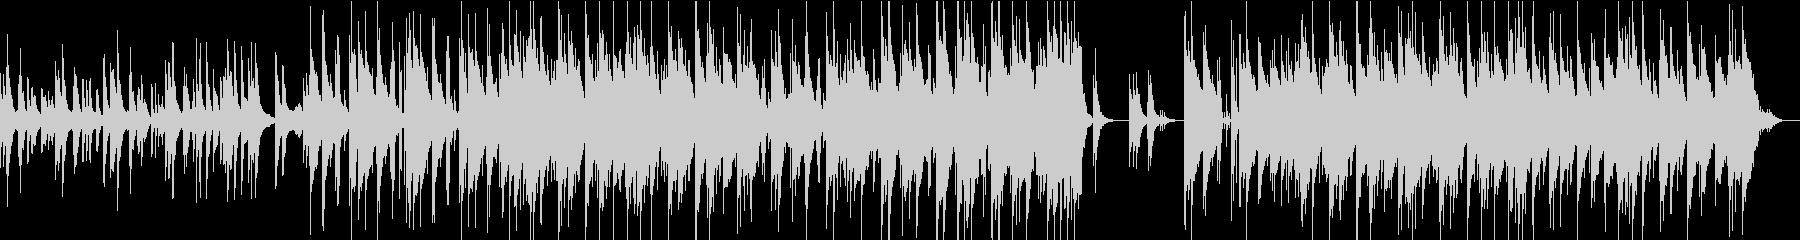 ピアノバンド 哀愁のあるインストの未再生の波形